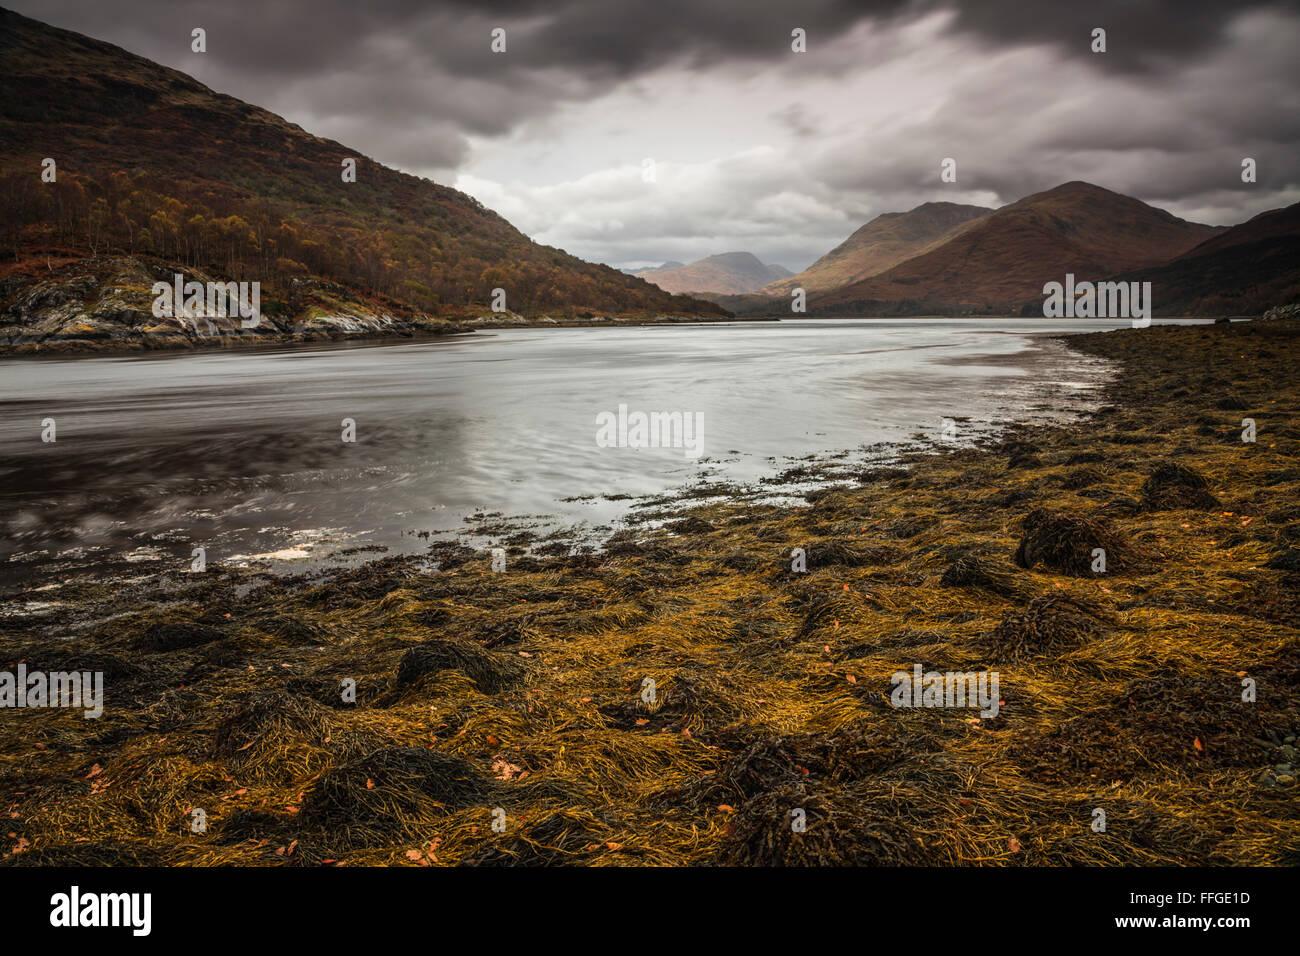 Loch Creran dans les Highlands écossais, capturés au début de novembre, près du pont routier Photo Stock